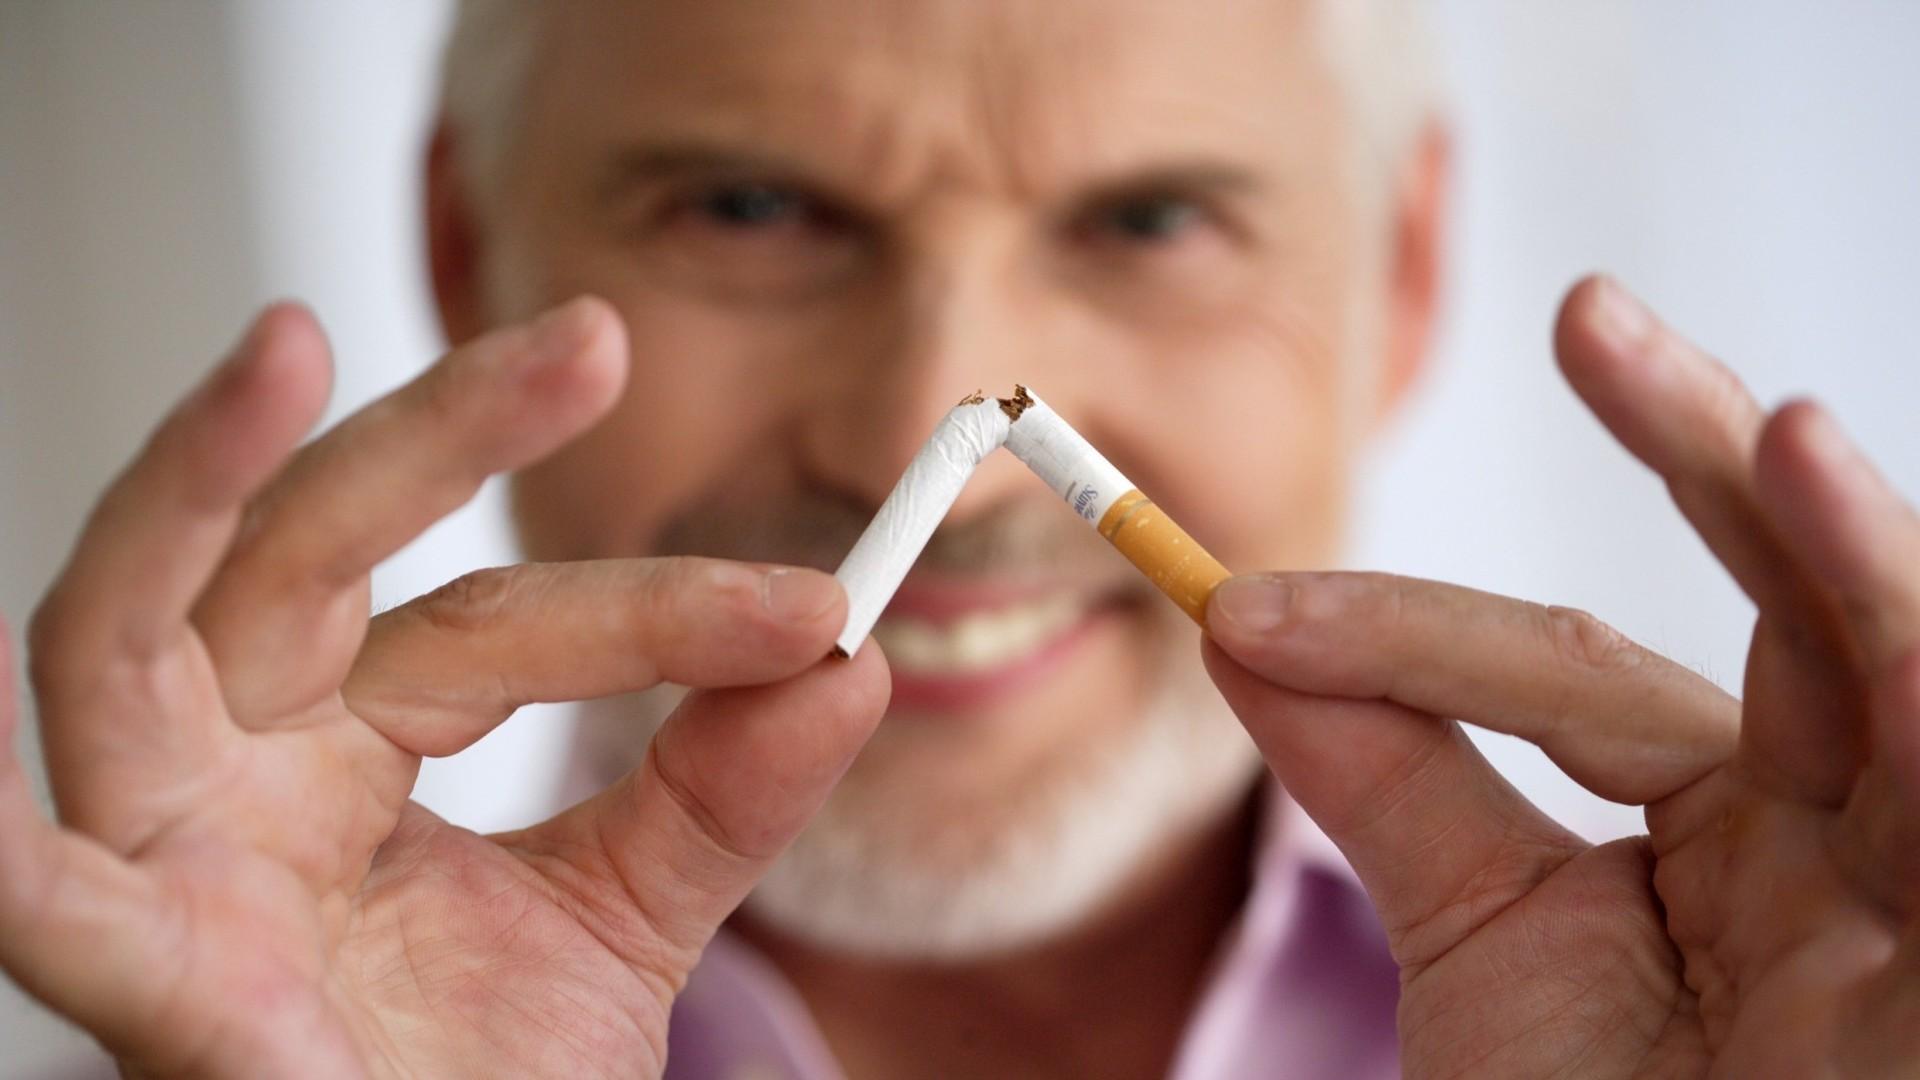 избил фото о борьбе с курением экспериментируют